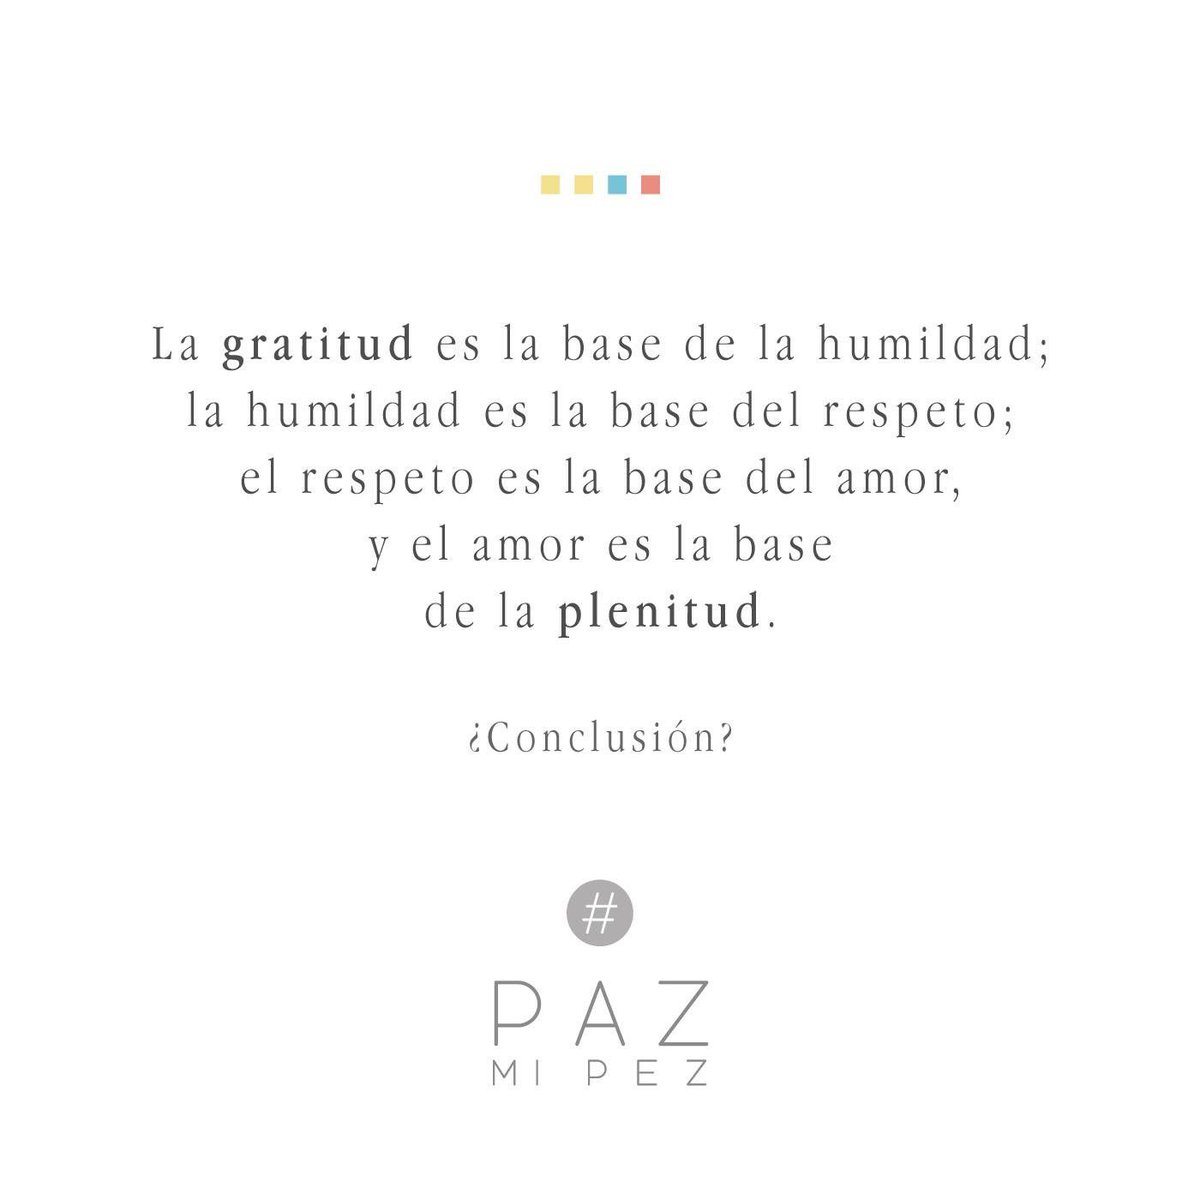 Paz Mi Pez On Twitter Pazmipez